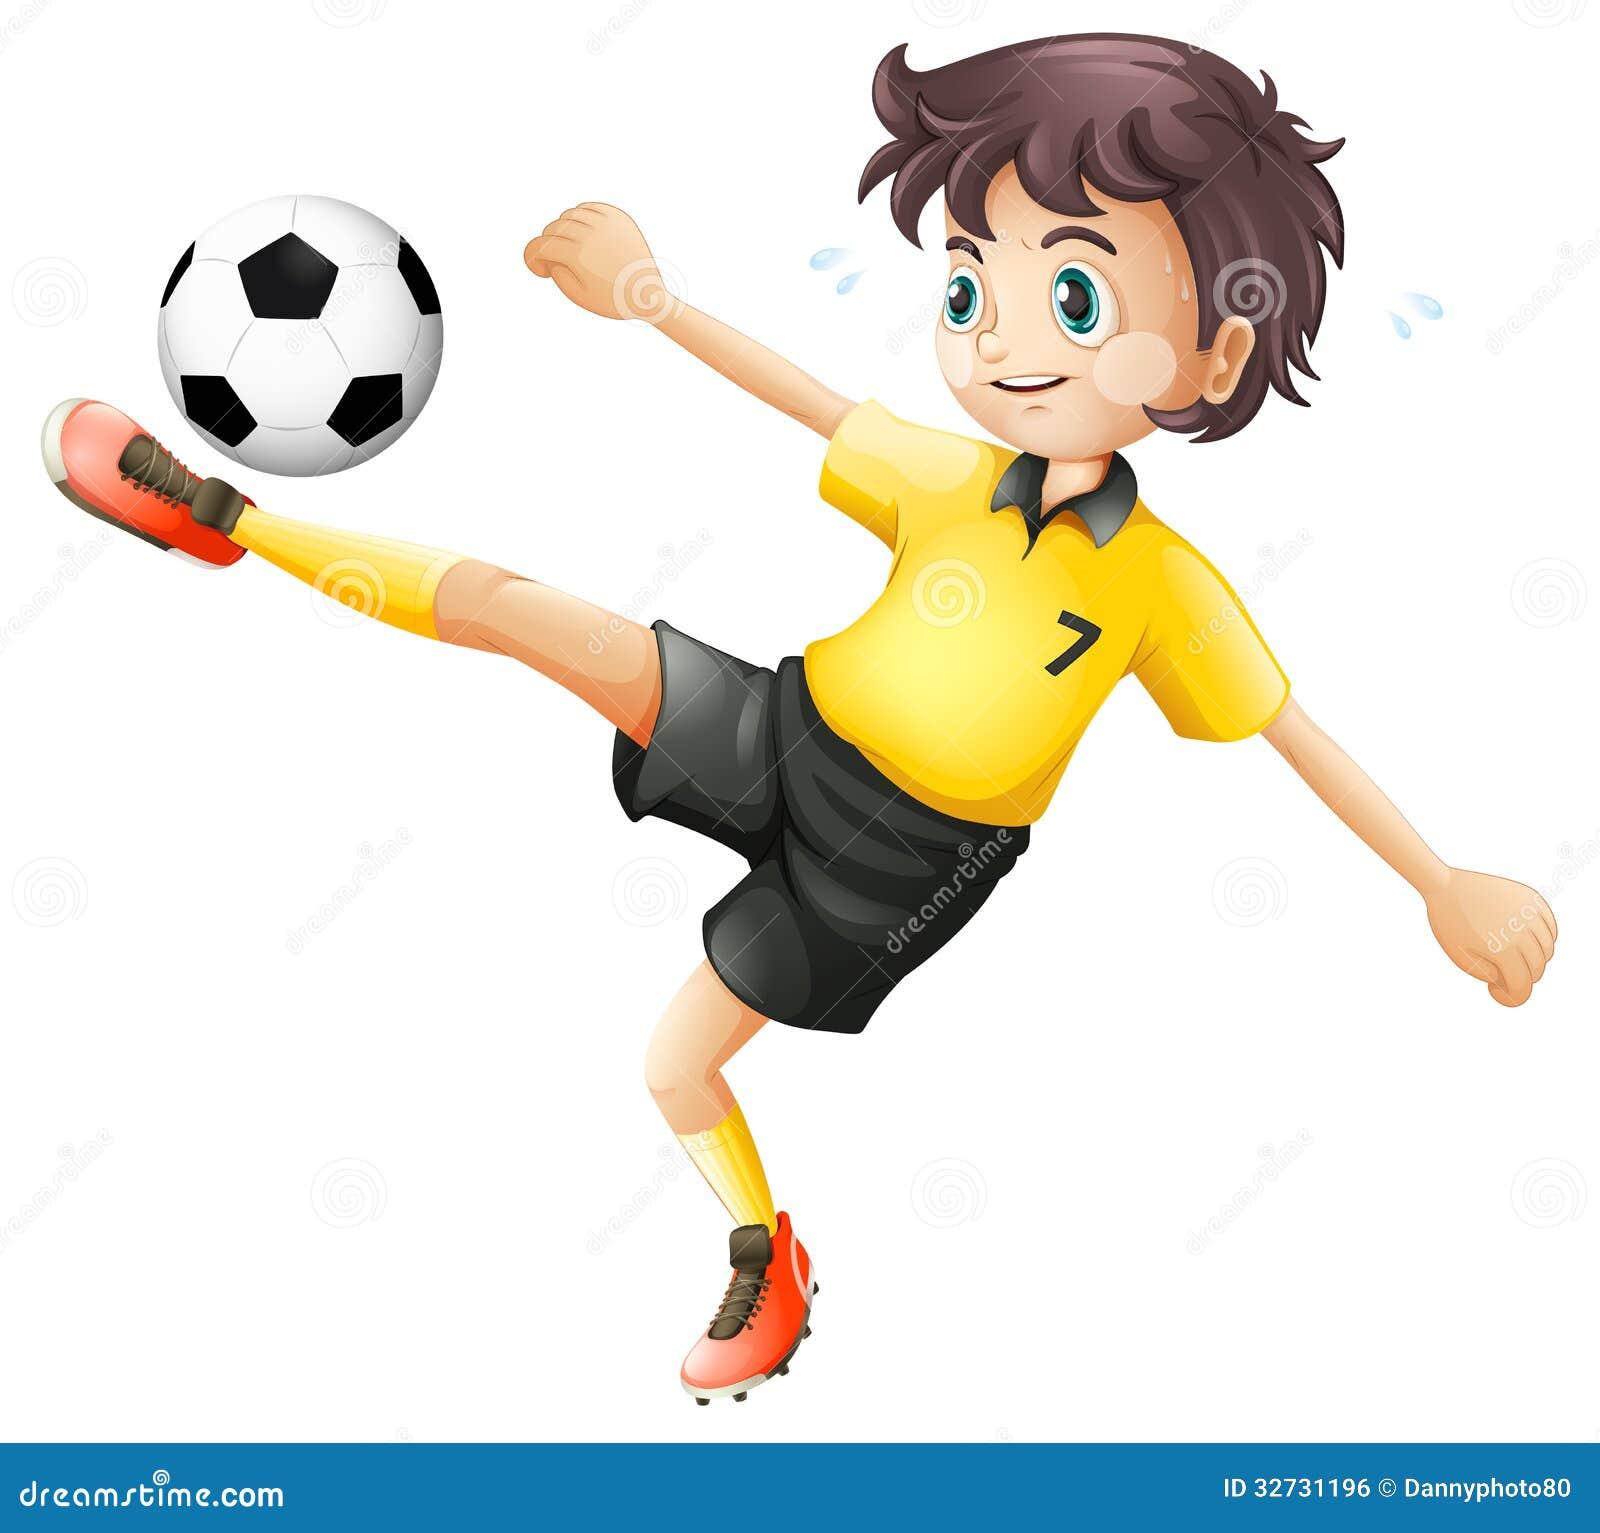 Boy Kicking Soccer Ball Clip Art